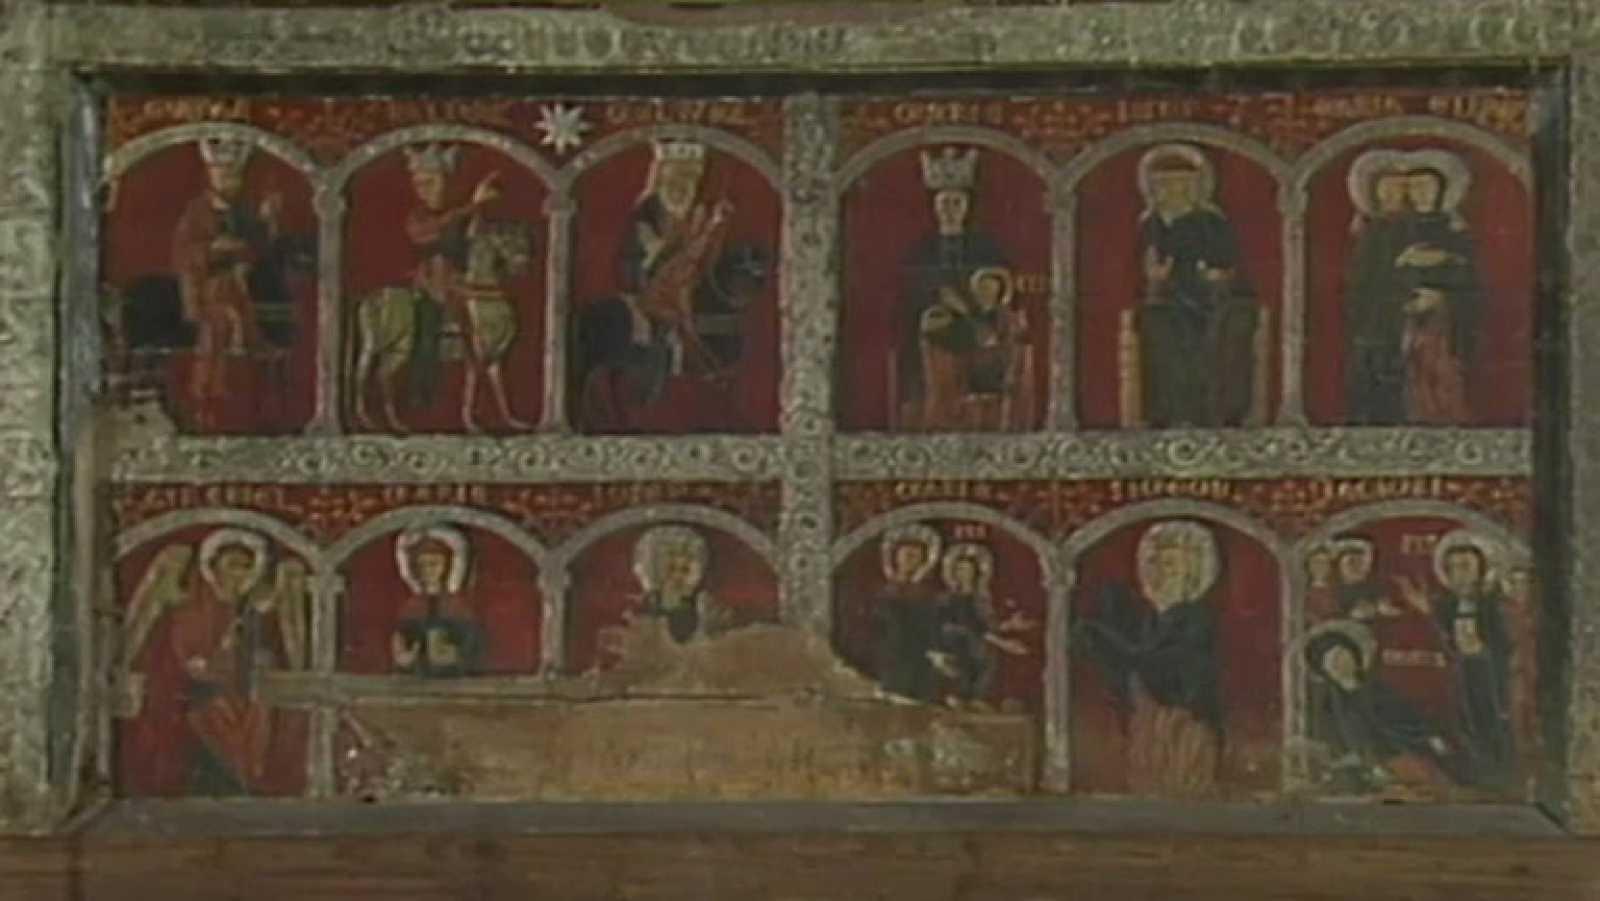 Mirar un cuadro - Epifanía (Anónimo siglo XIII) - RTVE.es